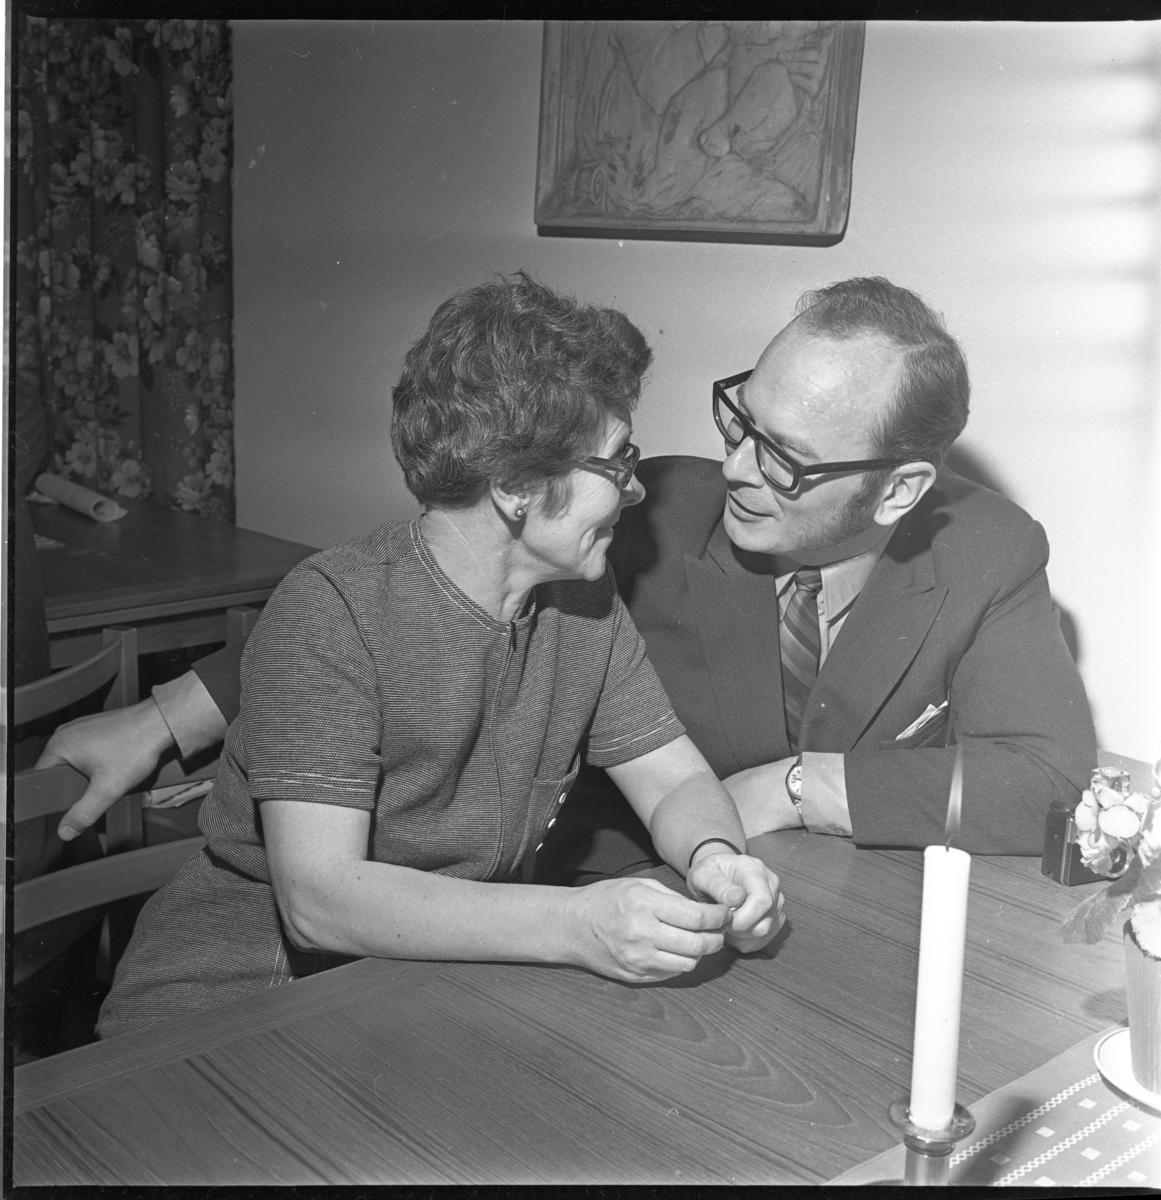 Eleonora och troligen Göran Andersson sitter och samtalar vid ett bord i församlingshemmet.